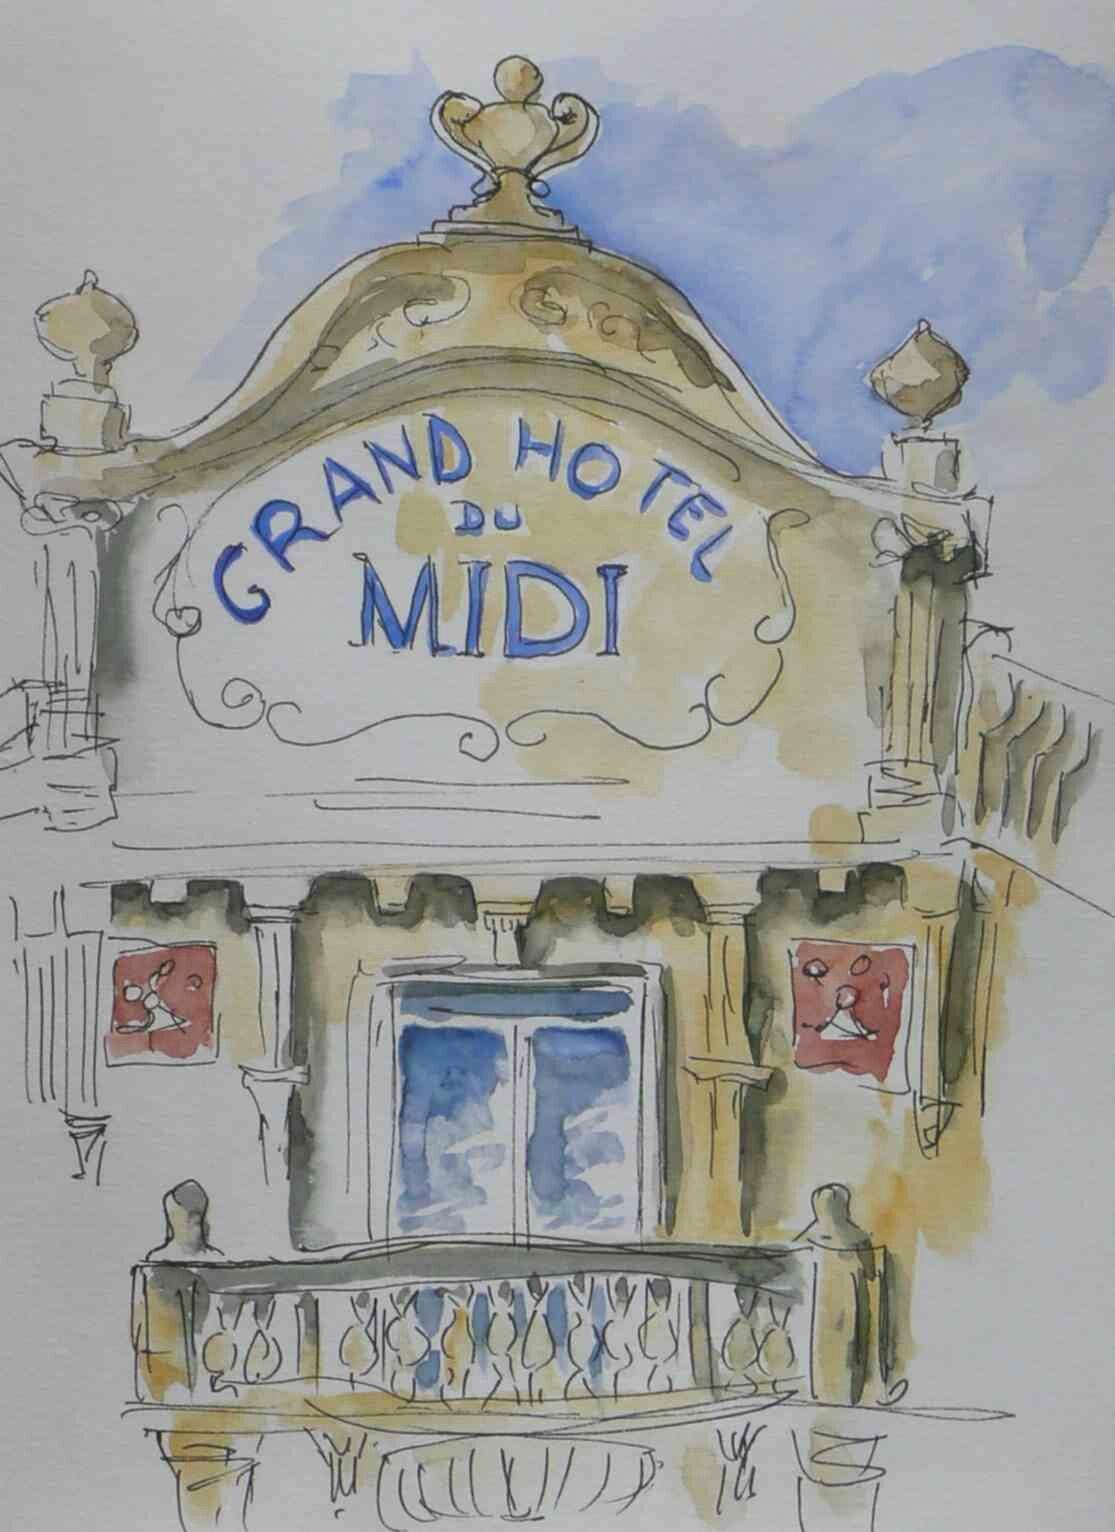 MPL-grand-hotel-midi